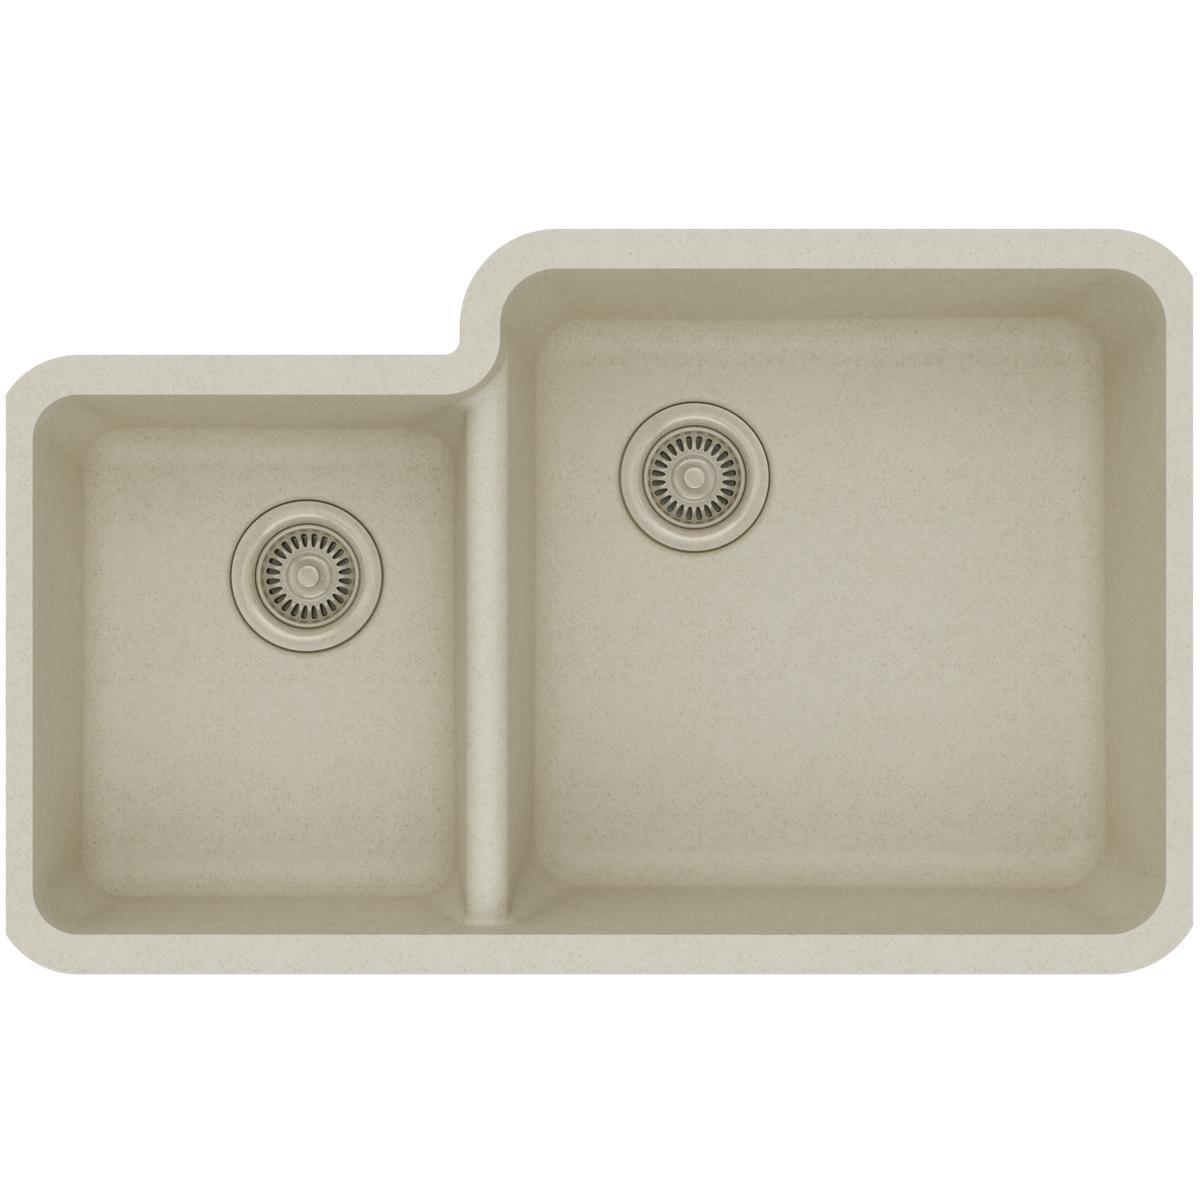 Elkay Quartz Classic ELGOU3321LBQ0 Bisque Offset 40/60 Double Bowl Undermount Sink